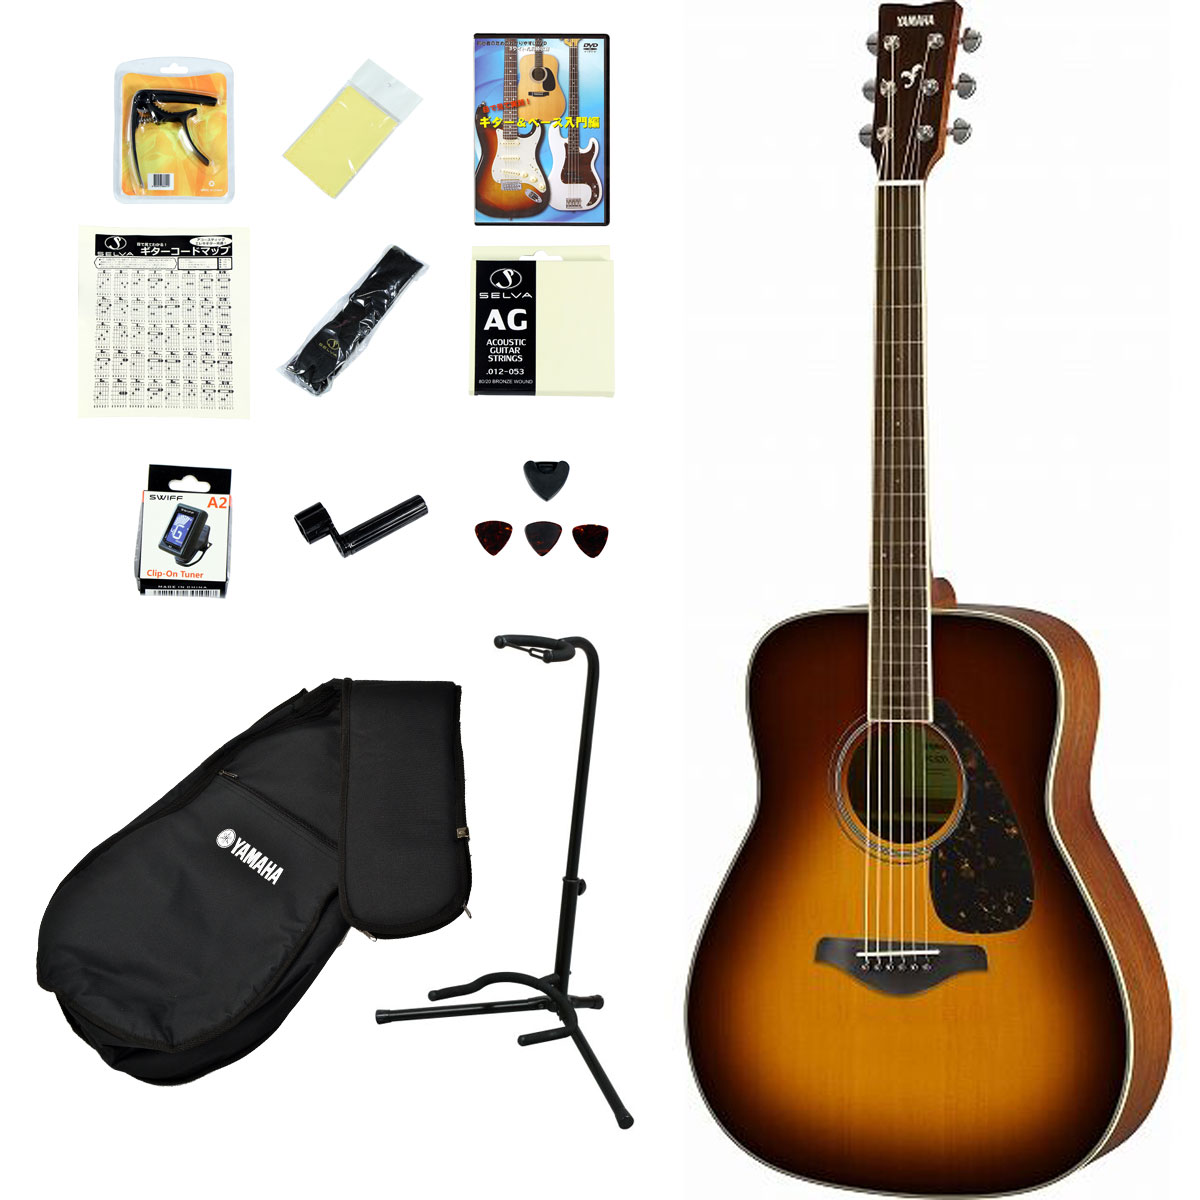 YAMAHA / FG820 BS(ブラウンサンバースト) 【アコースティックギター14点入門セット!】 ヤマハ フォークギター アコギ FG-820 入門 初心者【YRK】